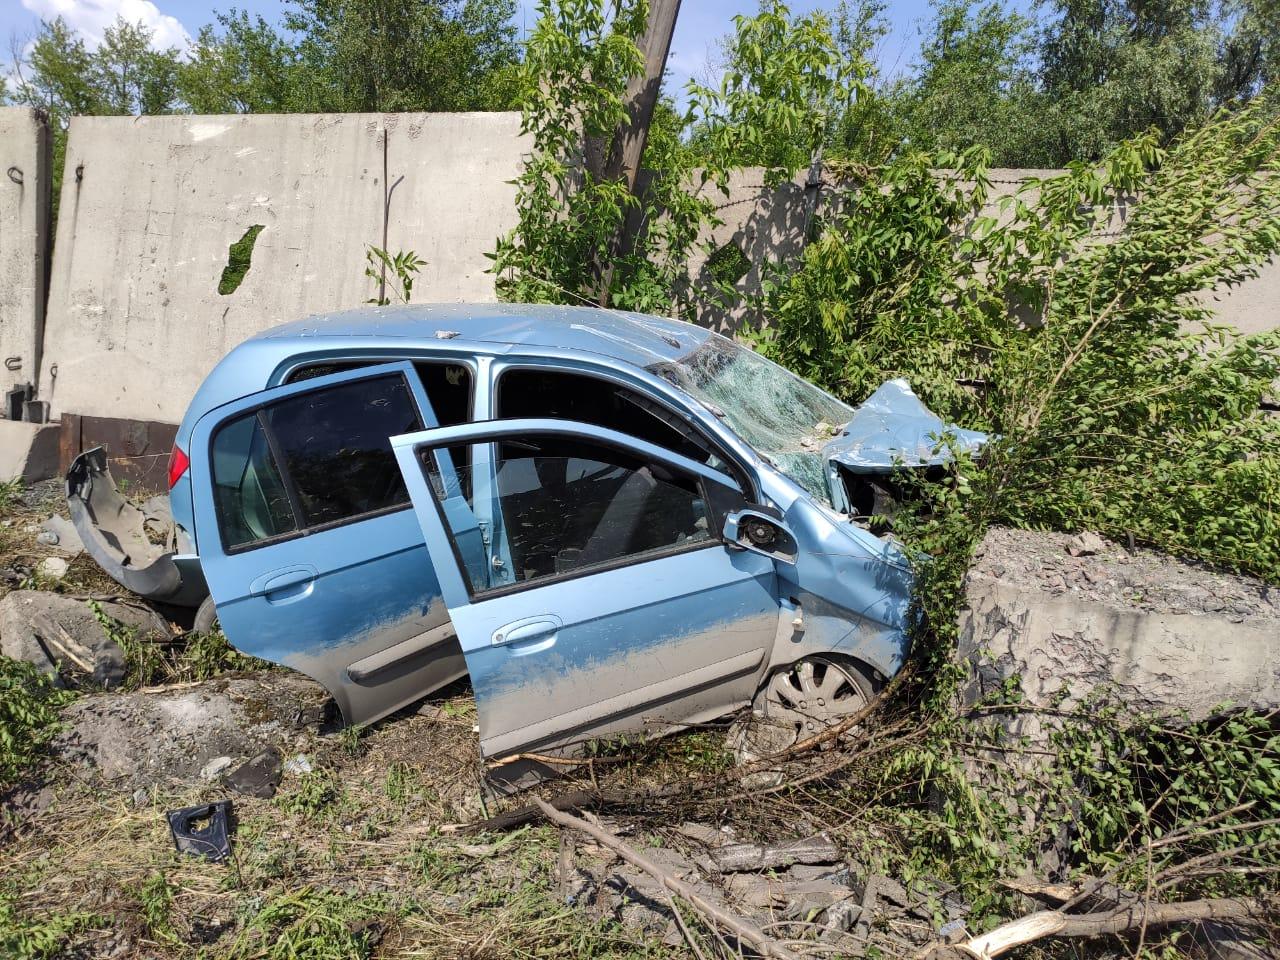 В Омске автоледи разбила машину, влетев в бетонный забор #Новости #Общество #Омск